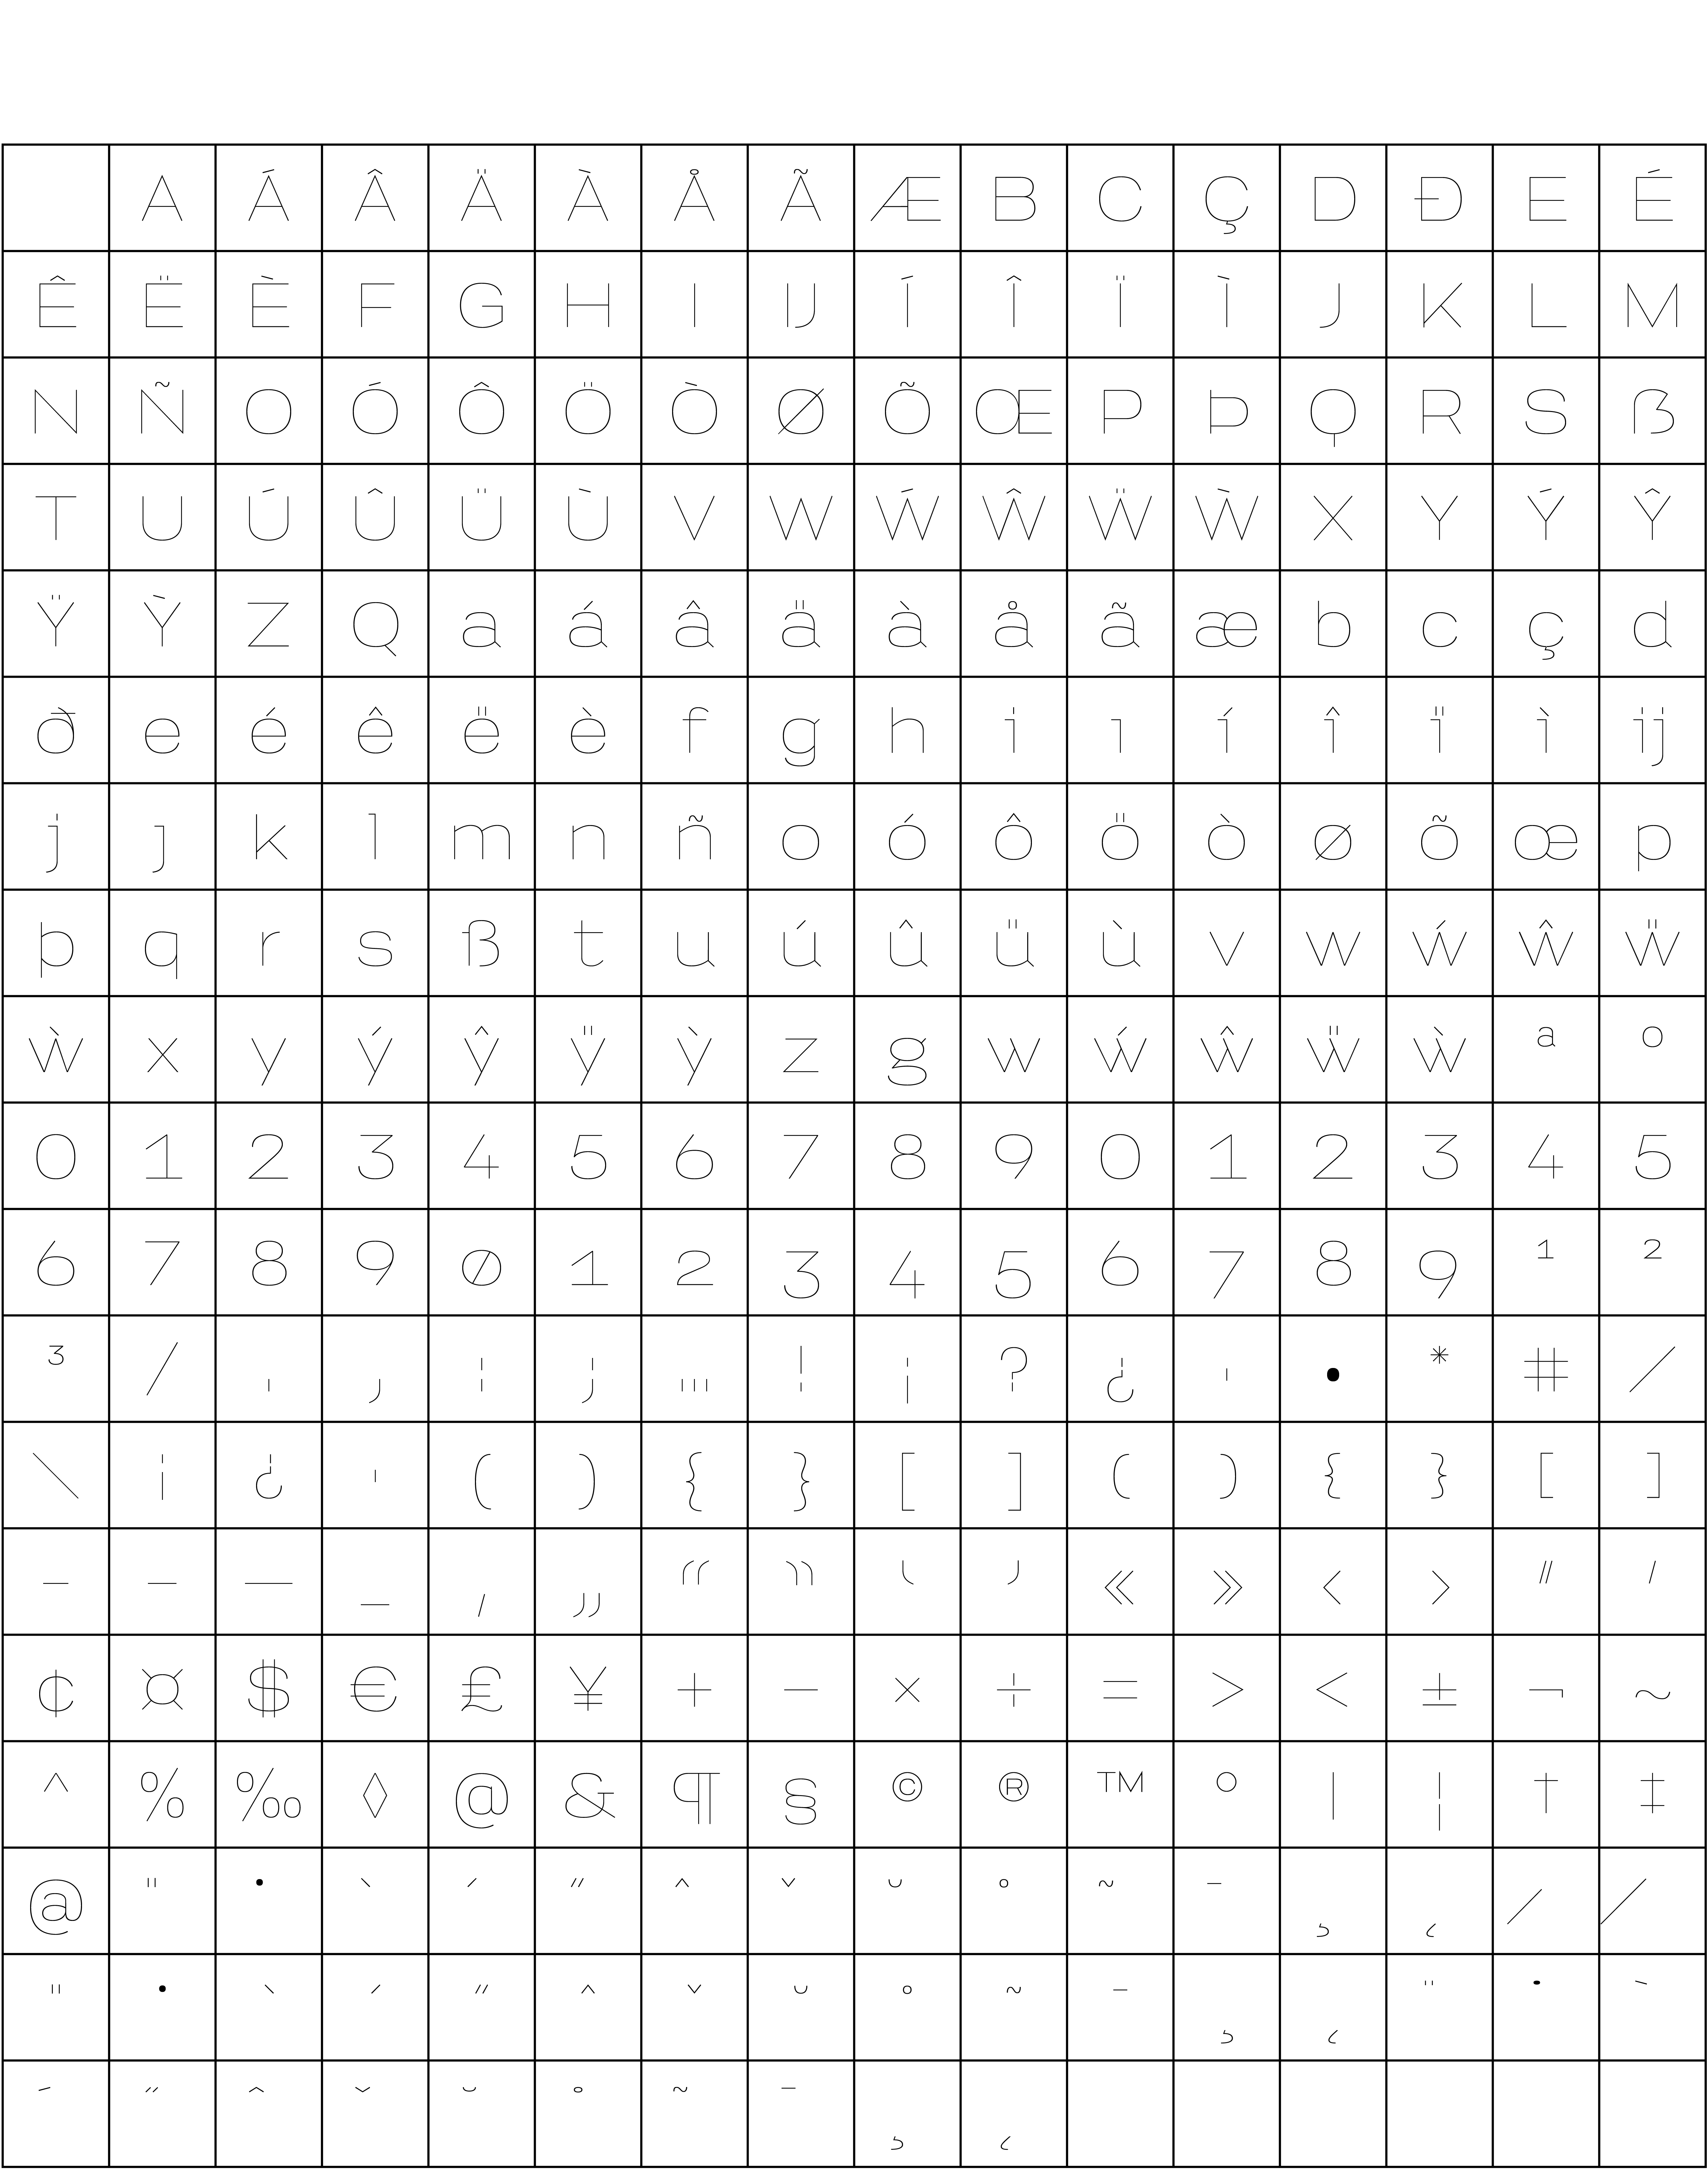 glyphset